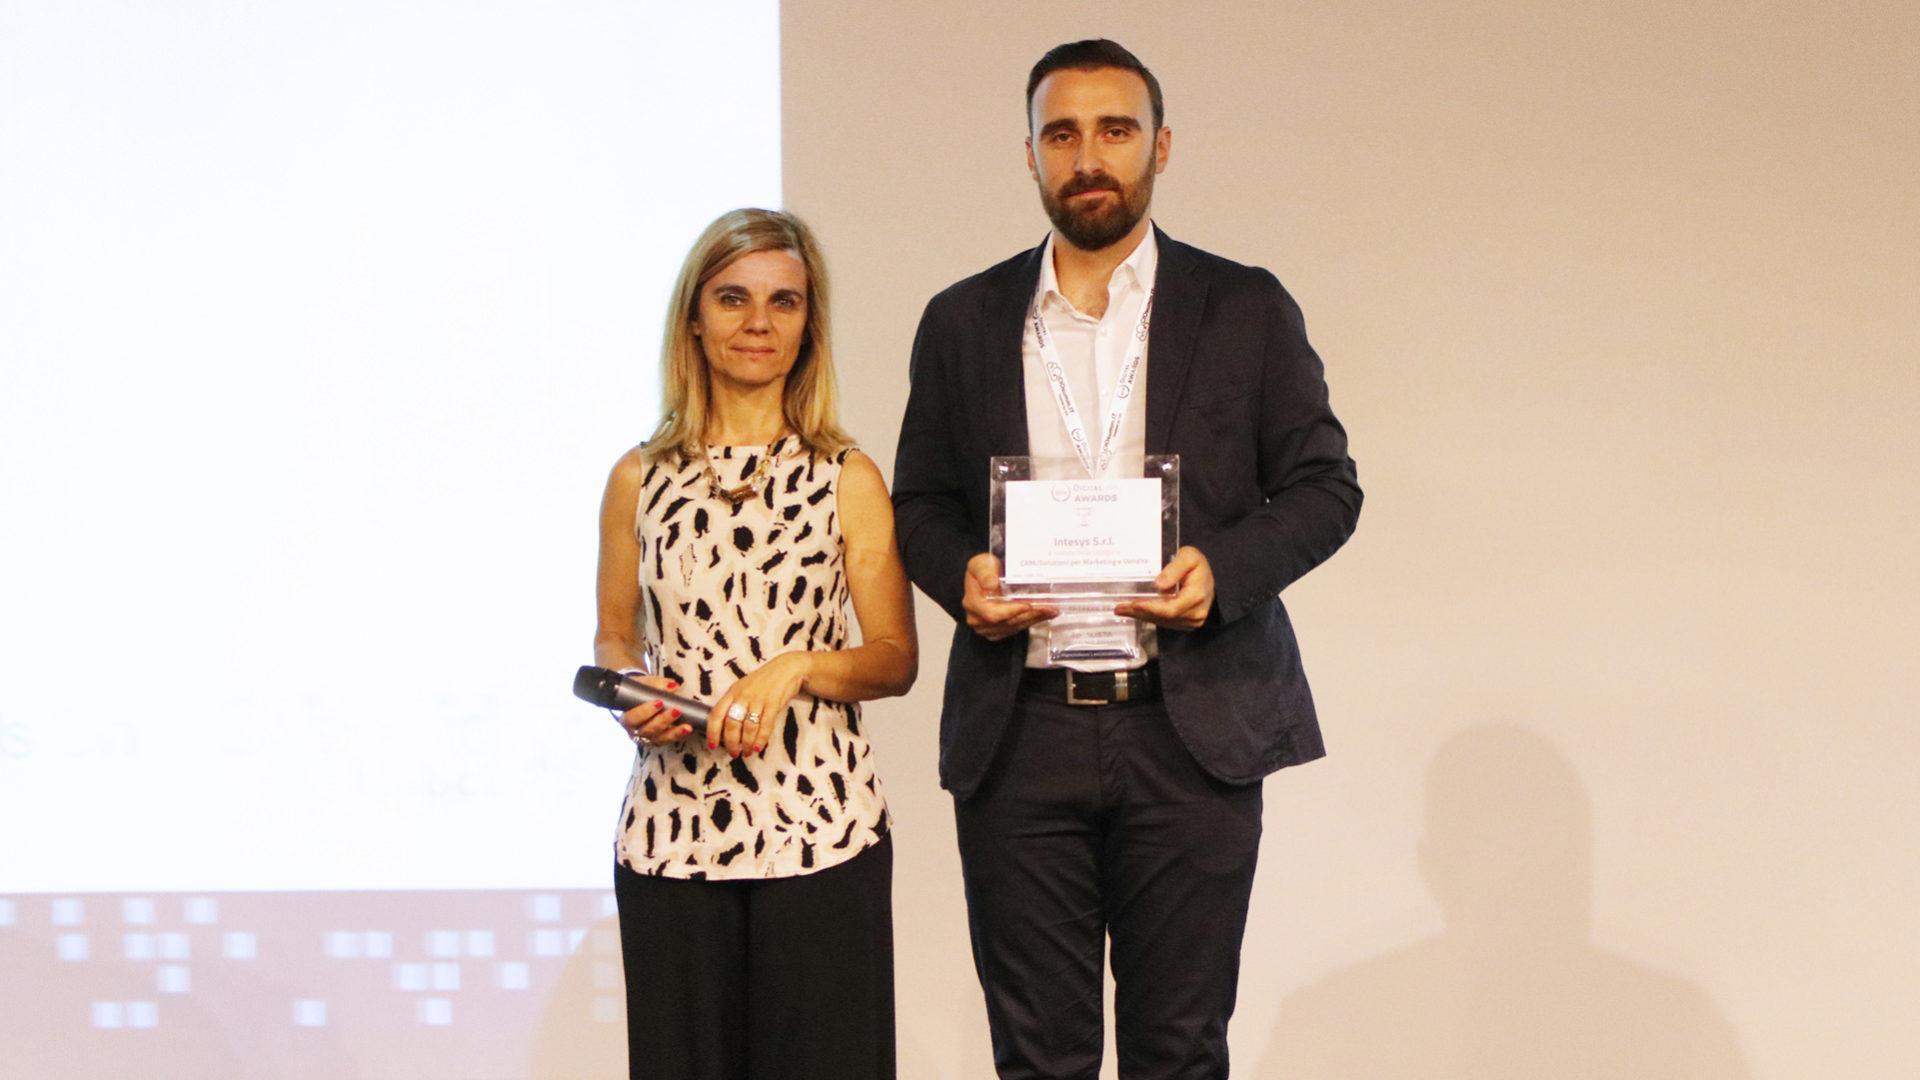 Nicolò De Uffici, User Experience Designer presso Intesys, ritira la targa